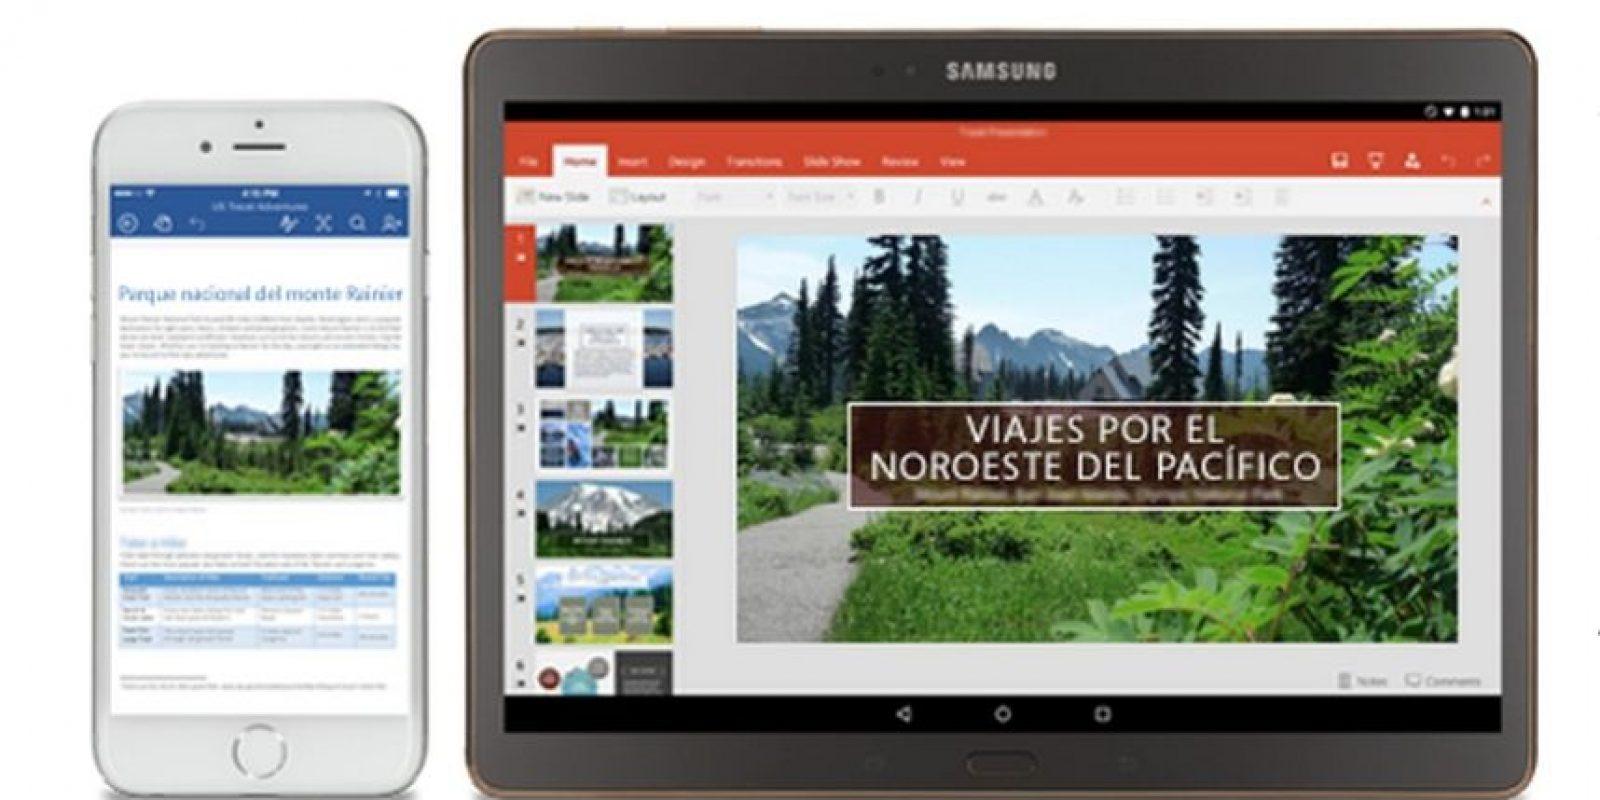 Lo pueden utilizar en cualquier lado y en cualquier dispositivo. Foto:Microsoft